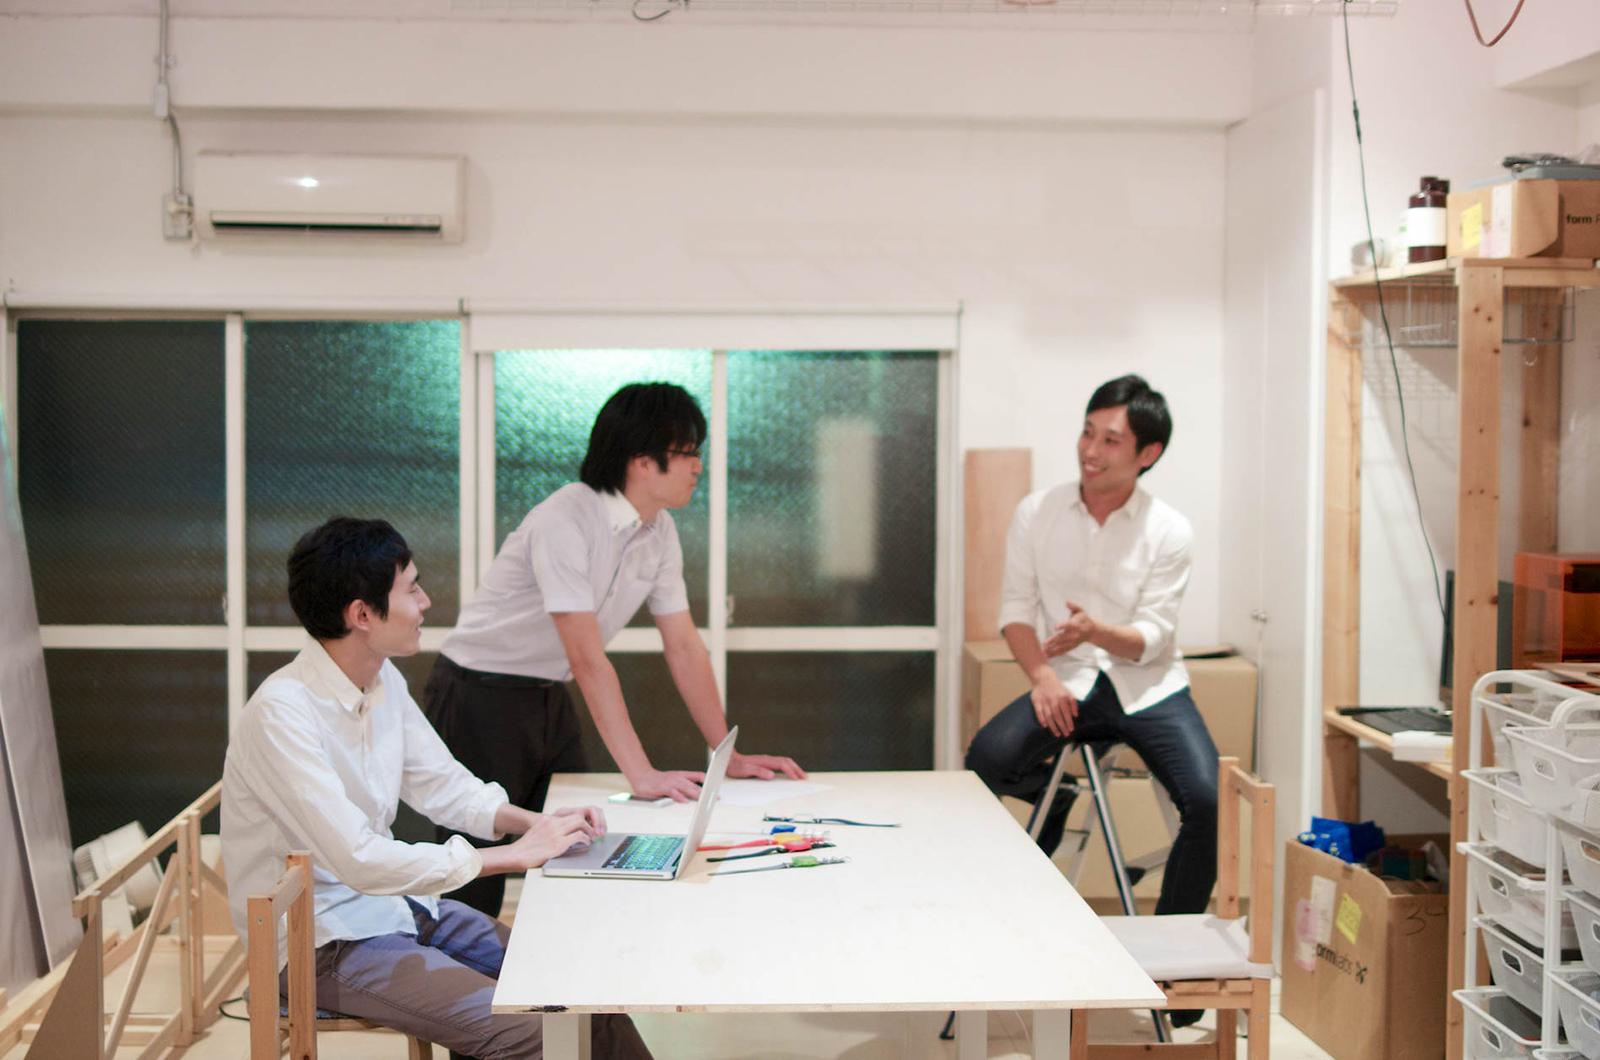 東京東部に所在するGinger Design Studioのスタジオ。ほとんどのテーブルや棚、イスなどの家具も自分たちで作ったもの